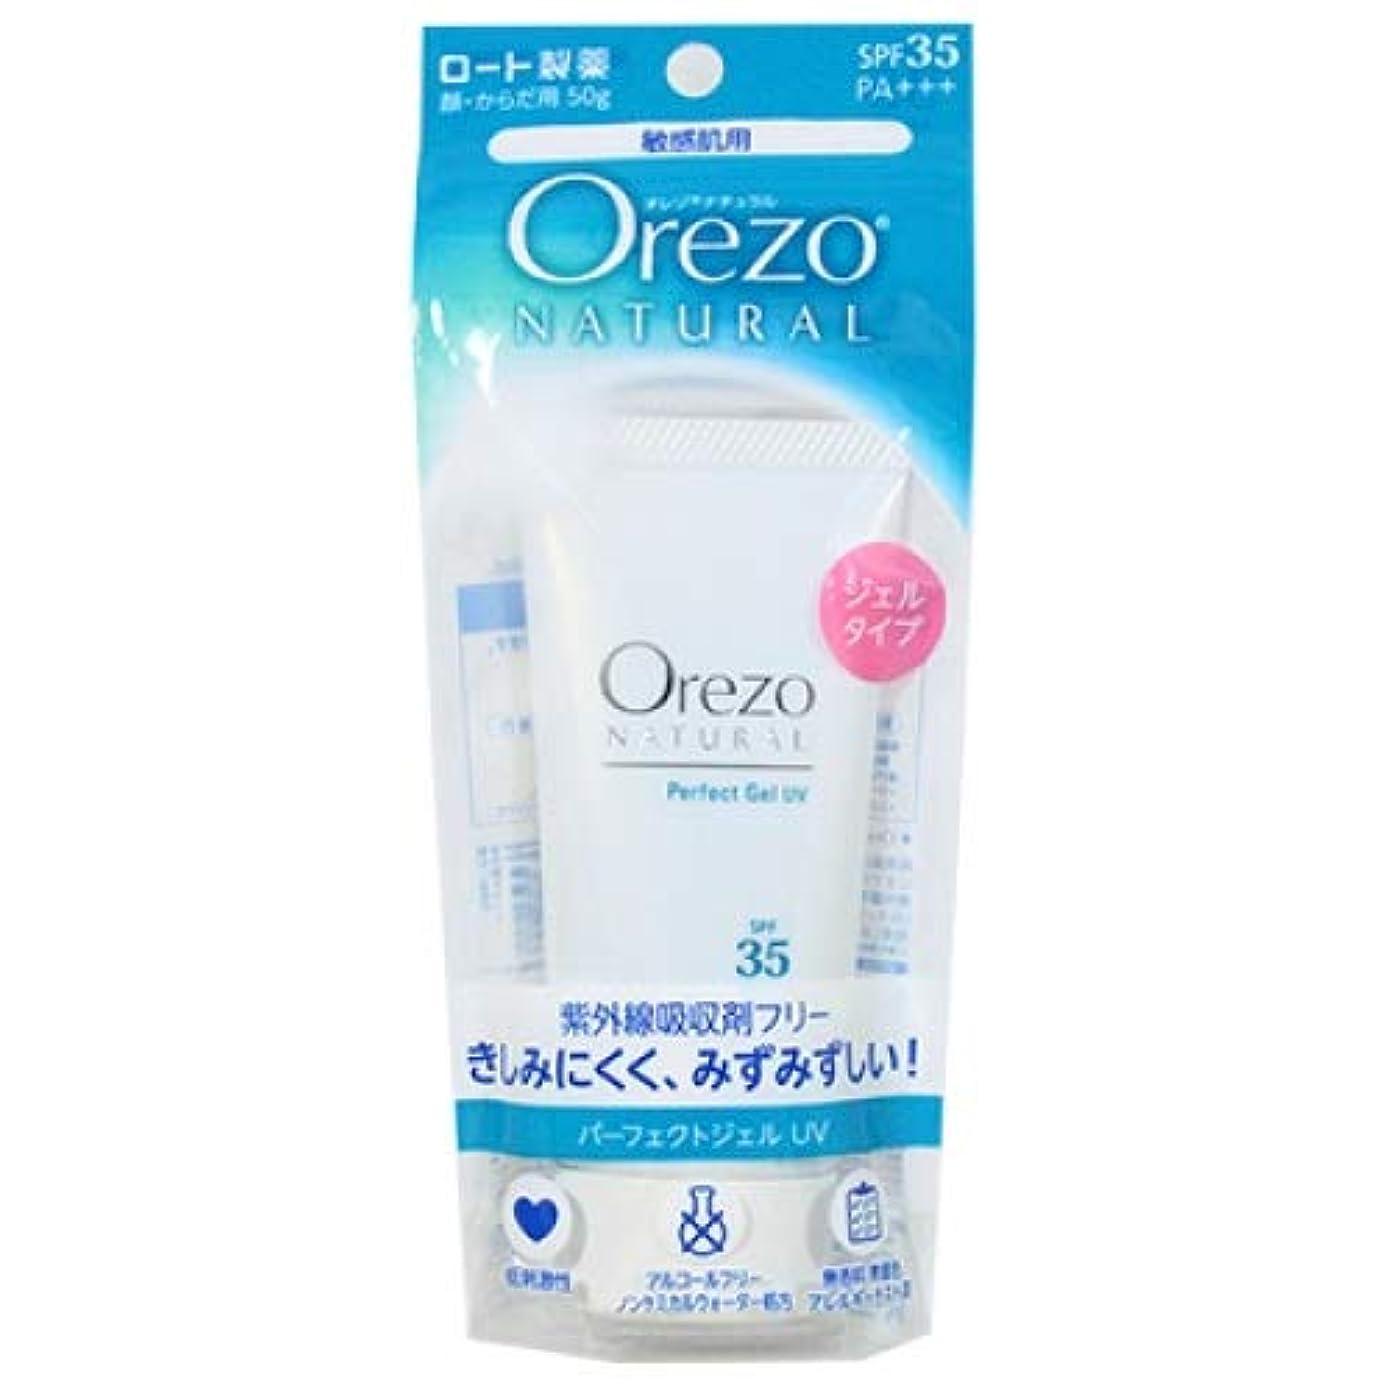 呼びかけるゆるいカールロート製薬 Orezo オレゾ ナチュラル パーフェクトジェルUV SPF35 PA+++ (50g) 顔?からだ用 日やけ止め 敏感肌用 ジェルタイプ